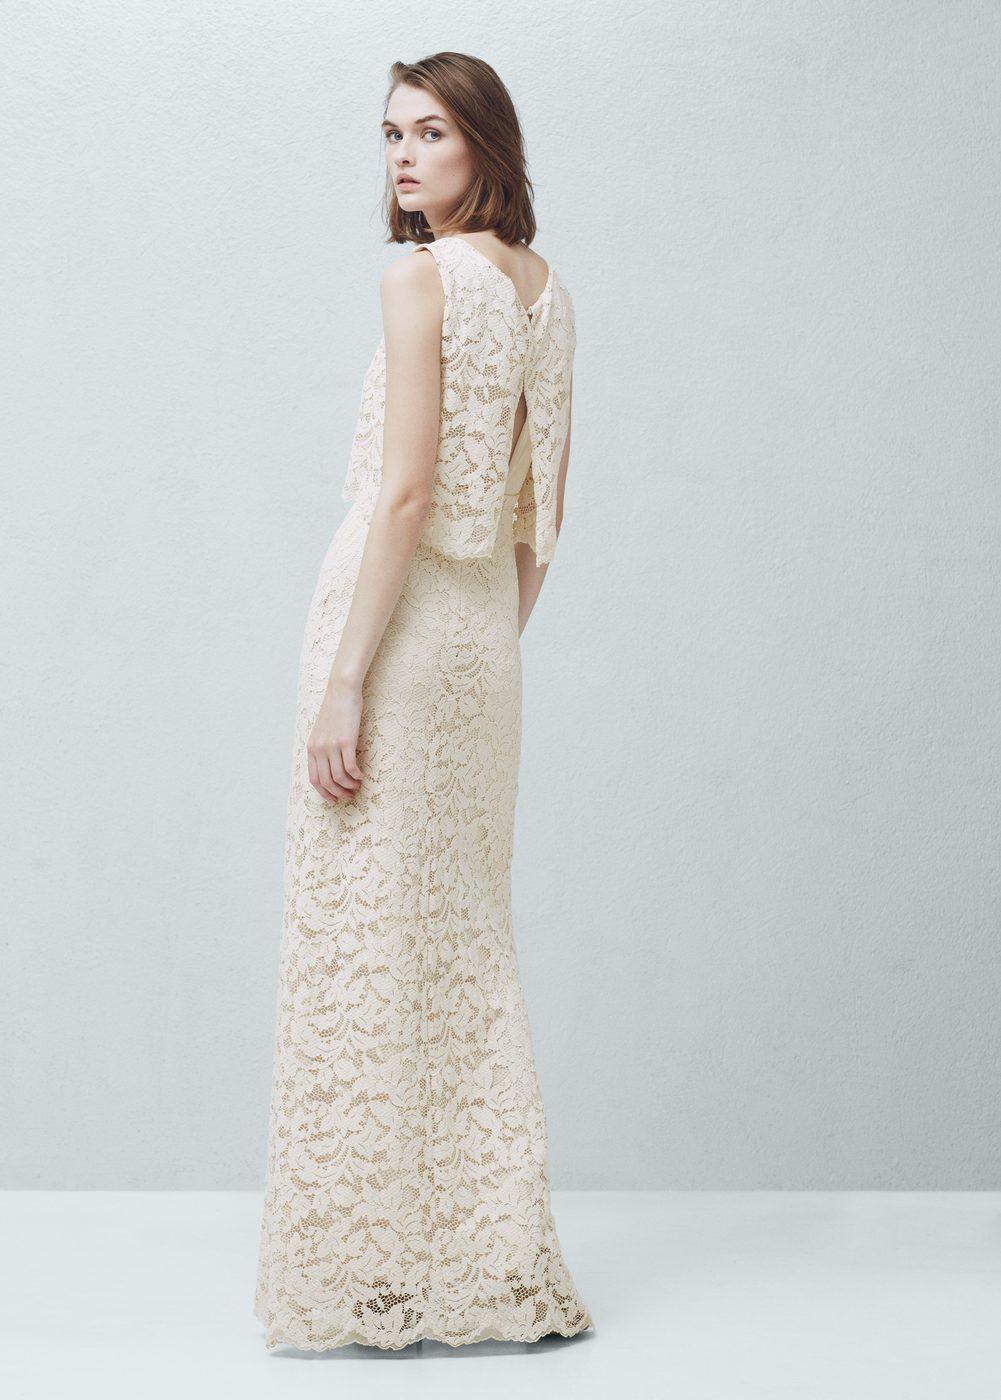 Φόρεμα γκιπούρ - Γυναίκα (avec images)  Idées vestimentaires